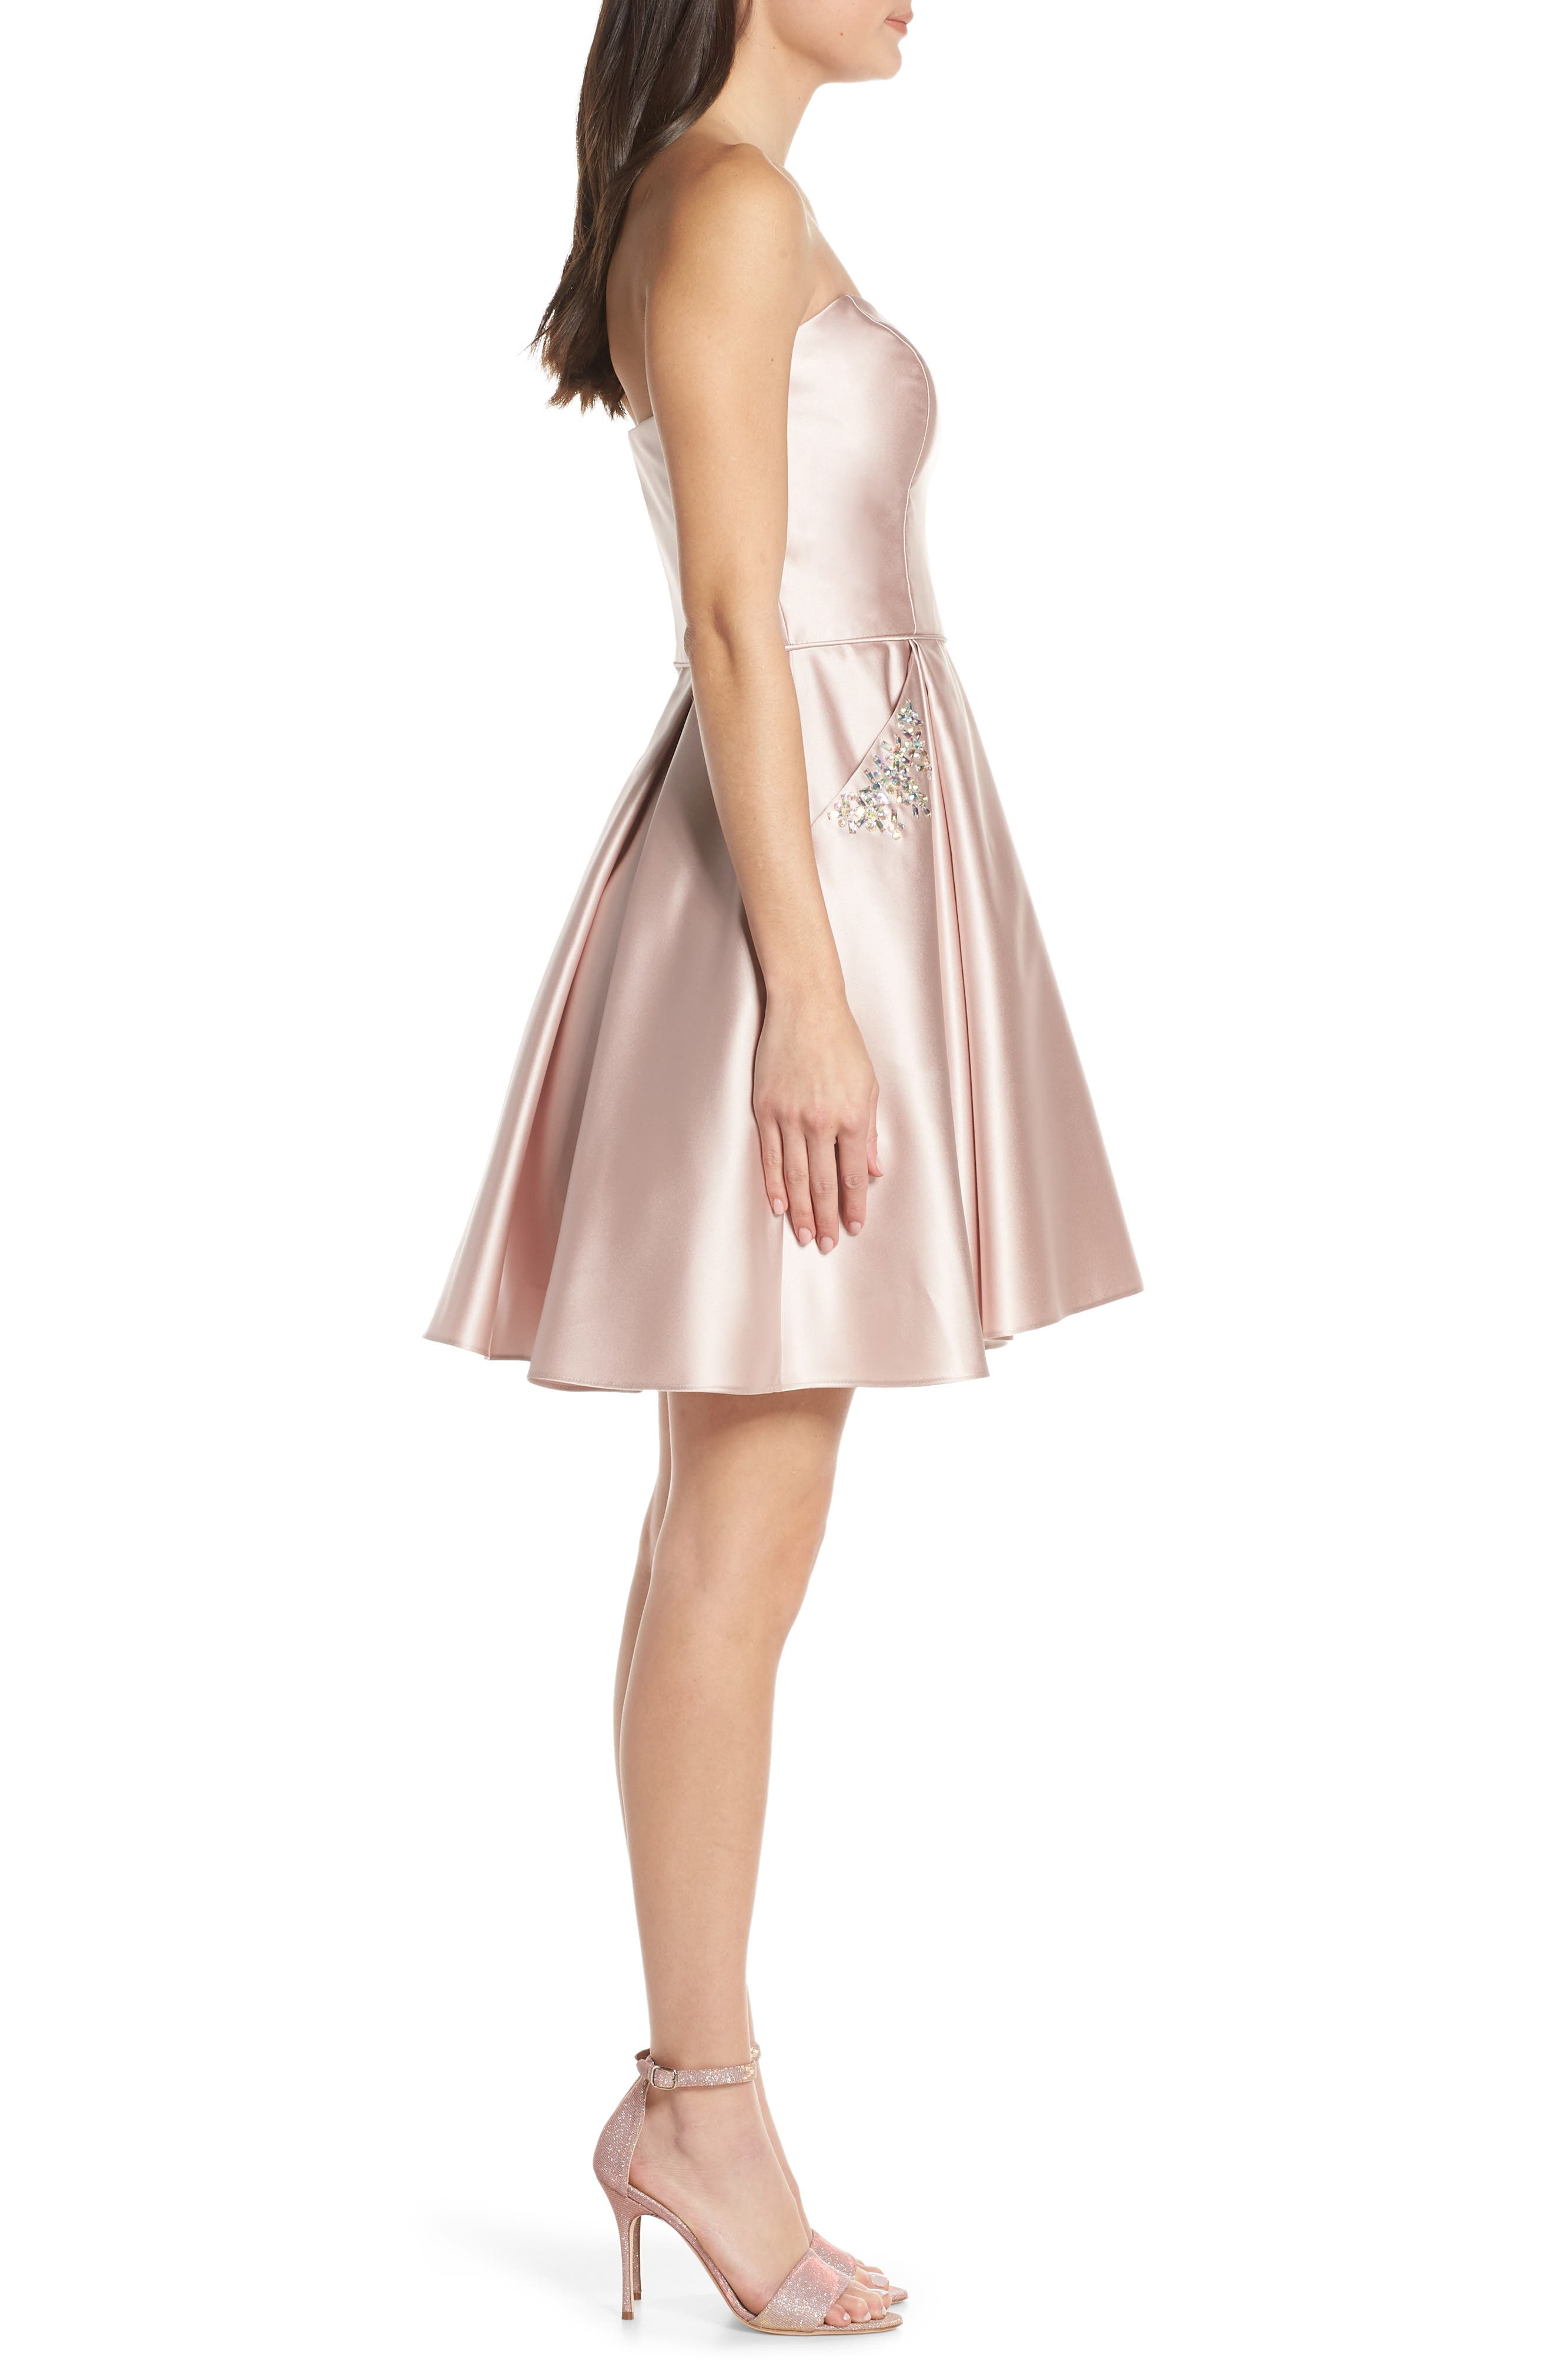 BLONDIE NITES,                             Embellished Satin Fit & Flare Dress,                             Alternate thumbnail 3, color,                             BEIGE